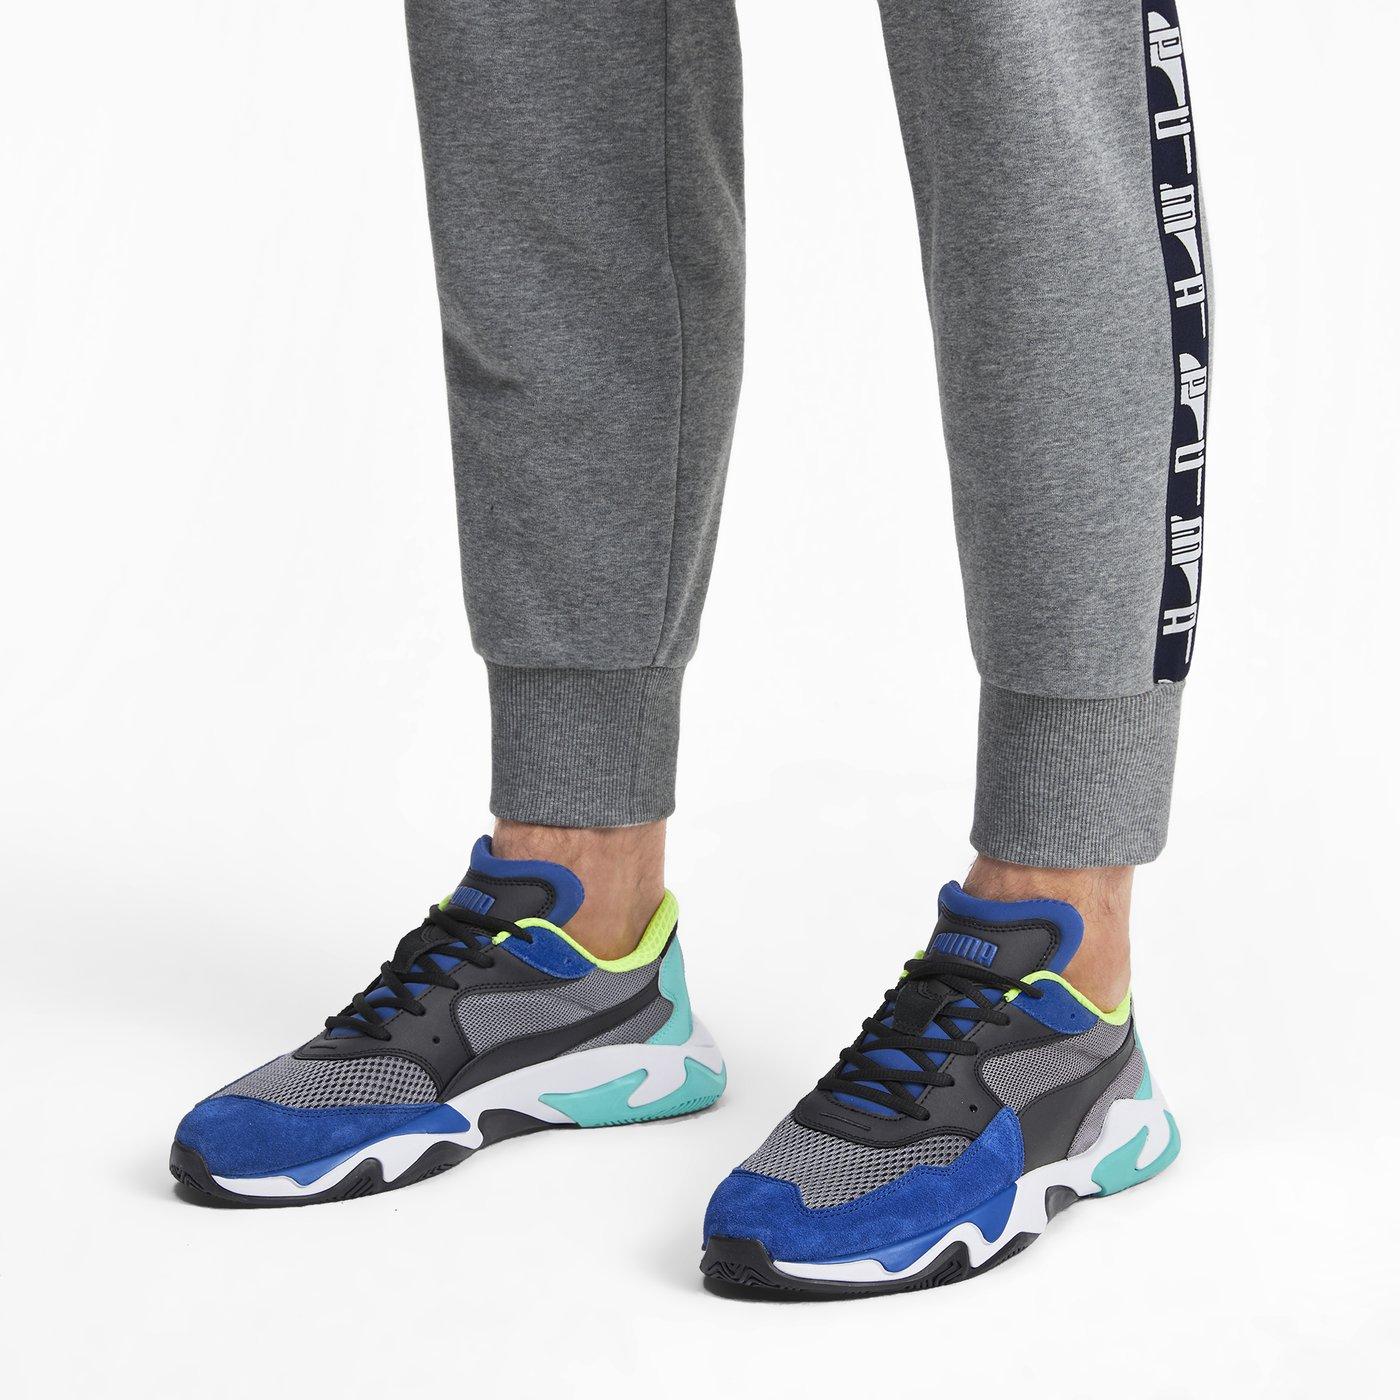 Puma Storm Origin Erkek Mavi Spor Ayakkabı